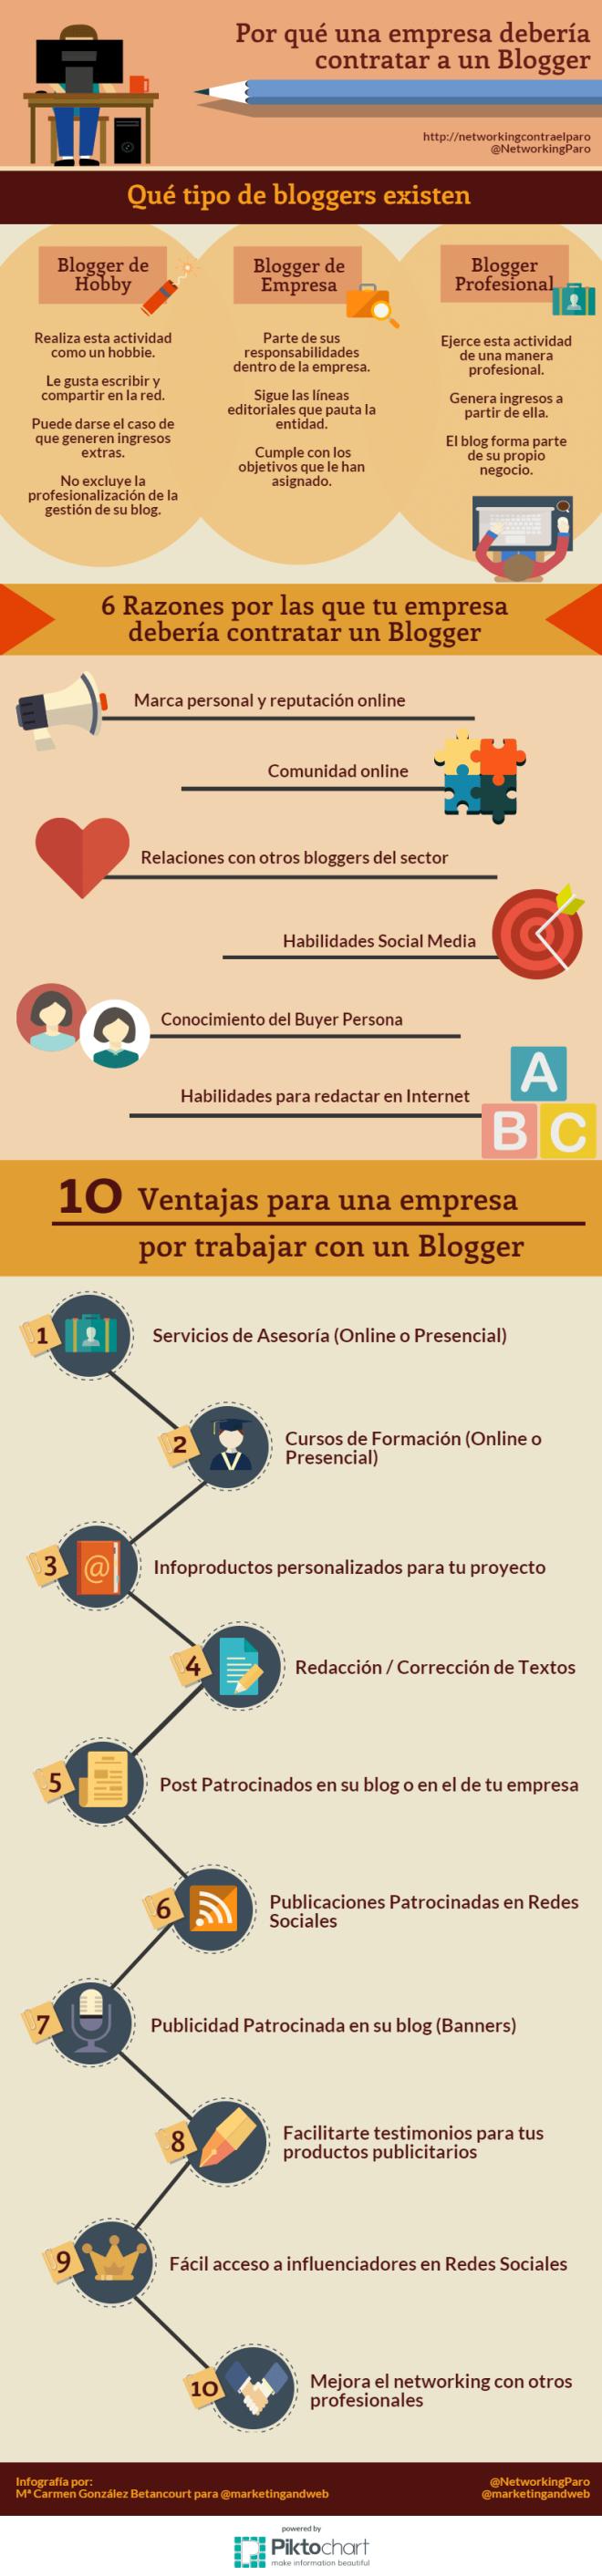 Por qué una empresa debe contratar a un Blogger